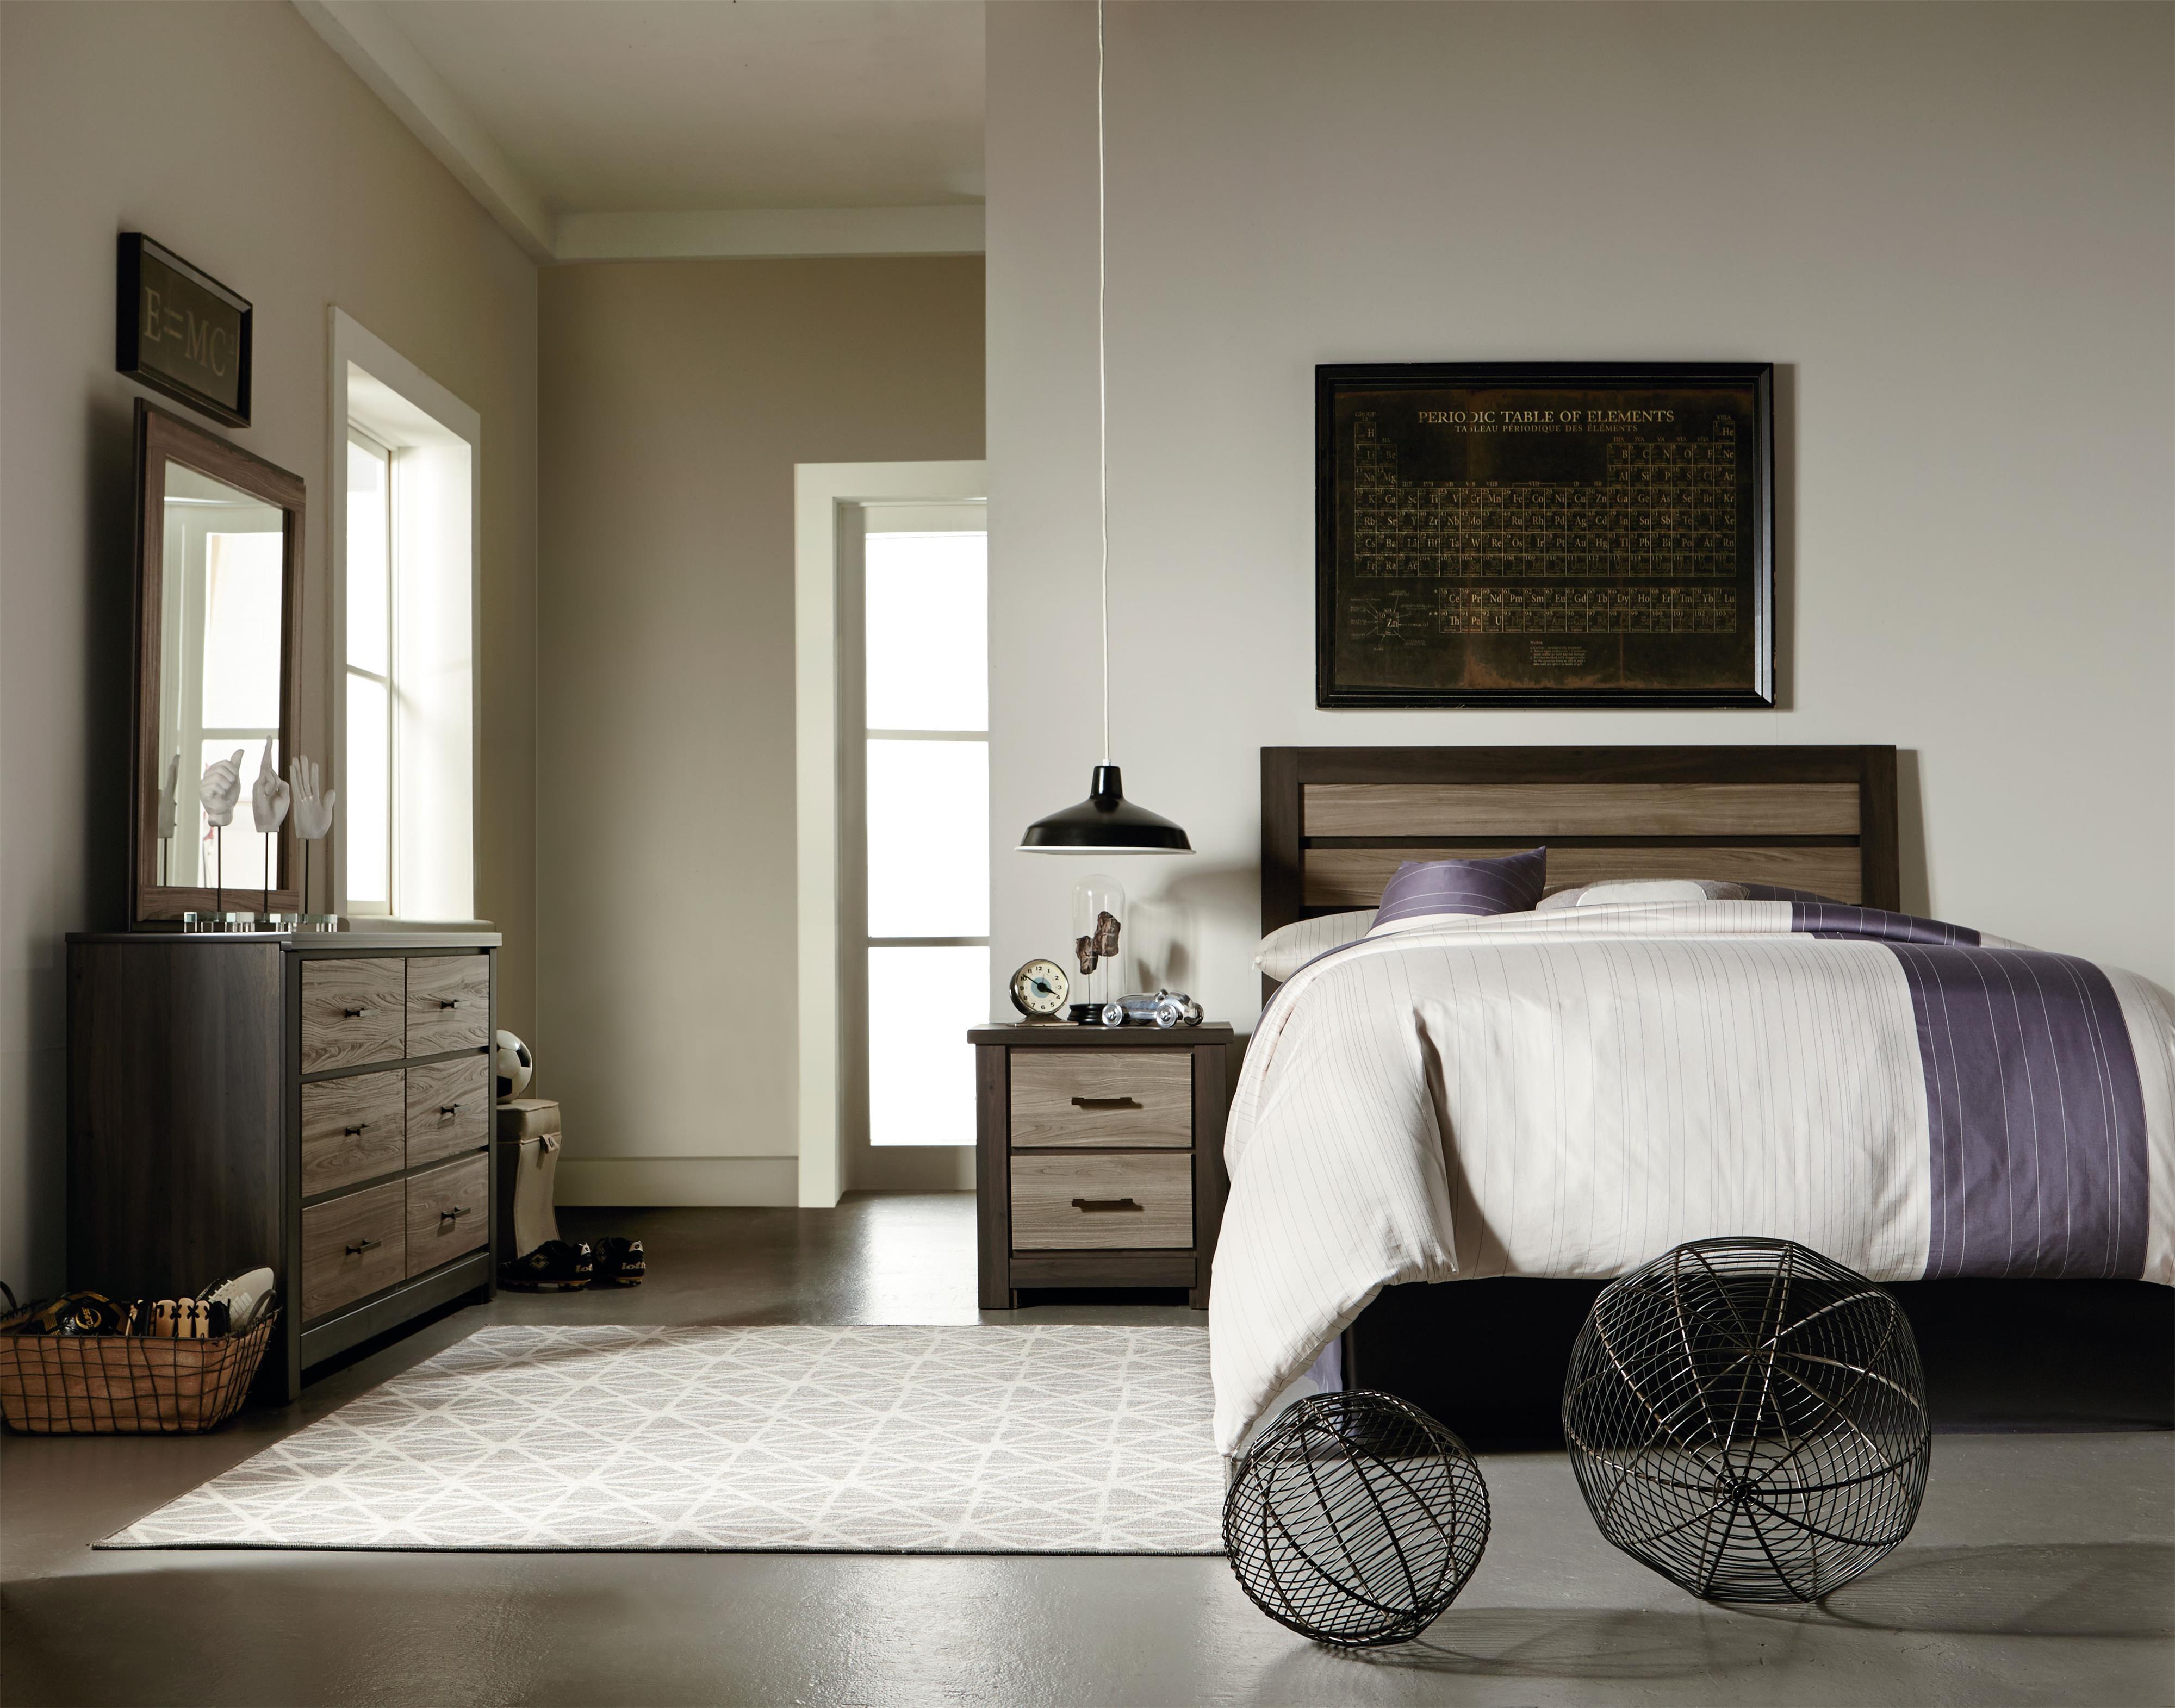 Standard Furniture Oakland Full Bedroom Group - Item Number: 69700 F Bedroom Group 1